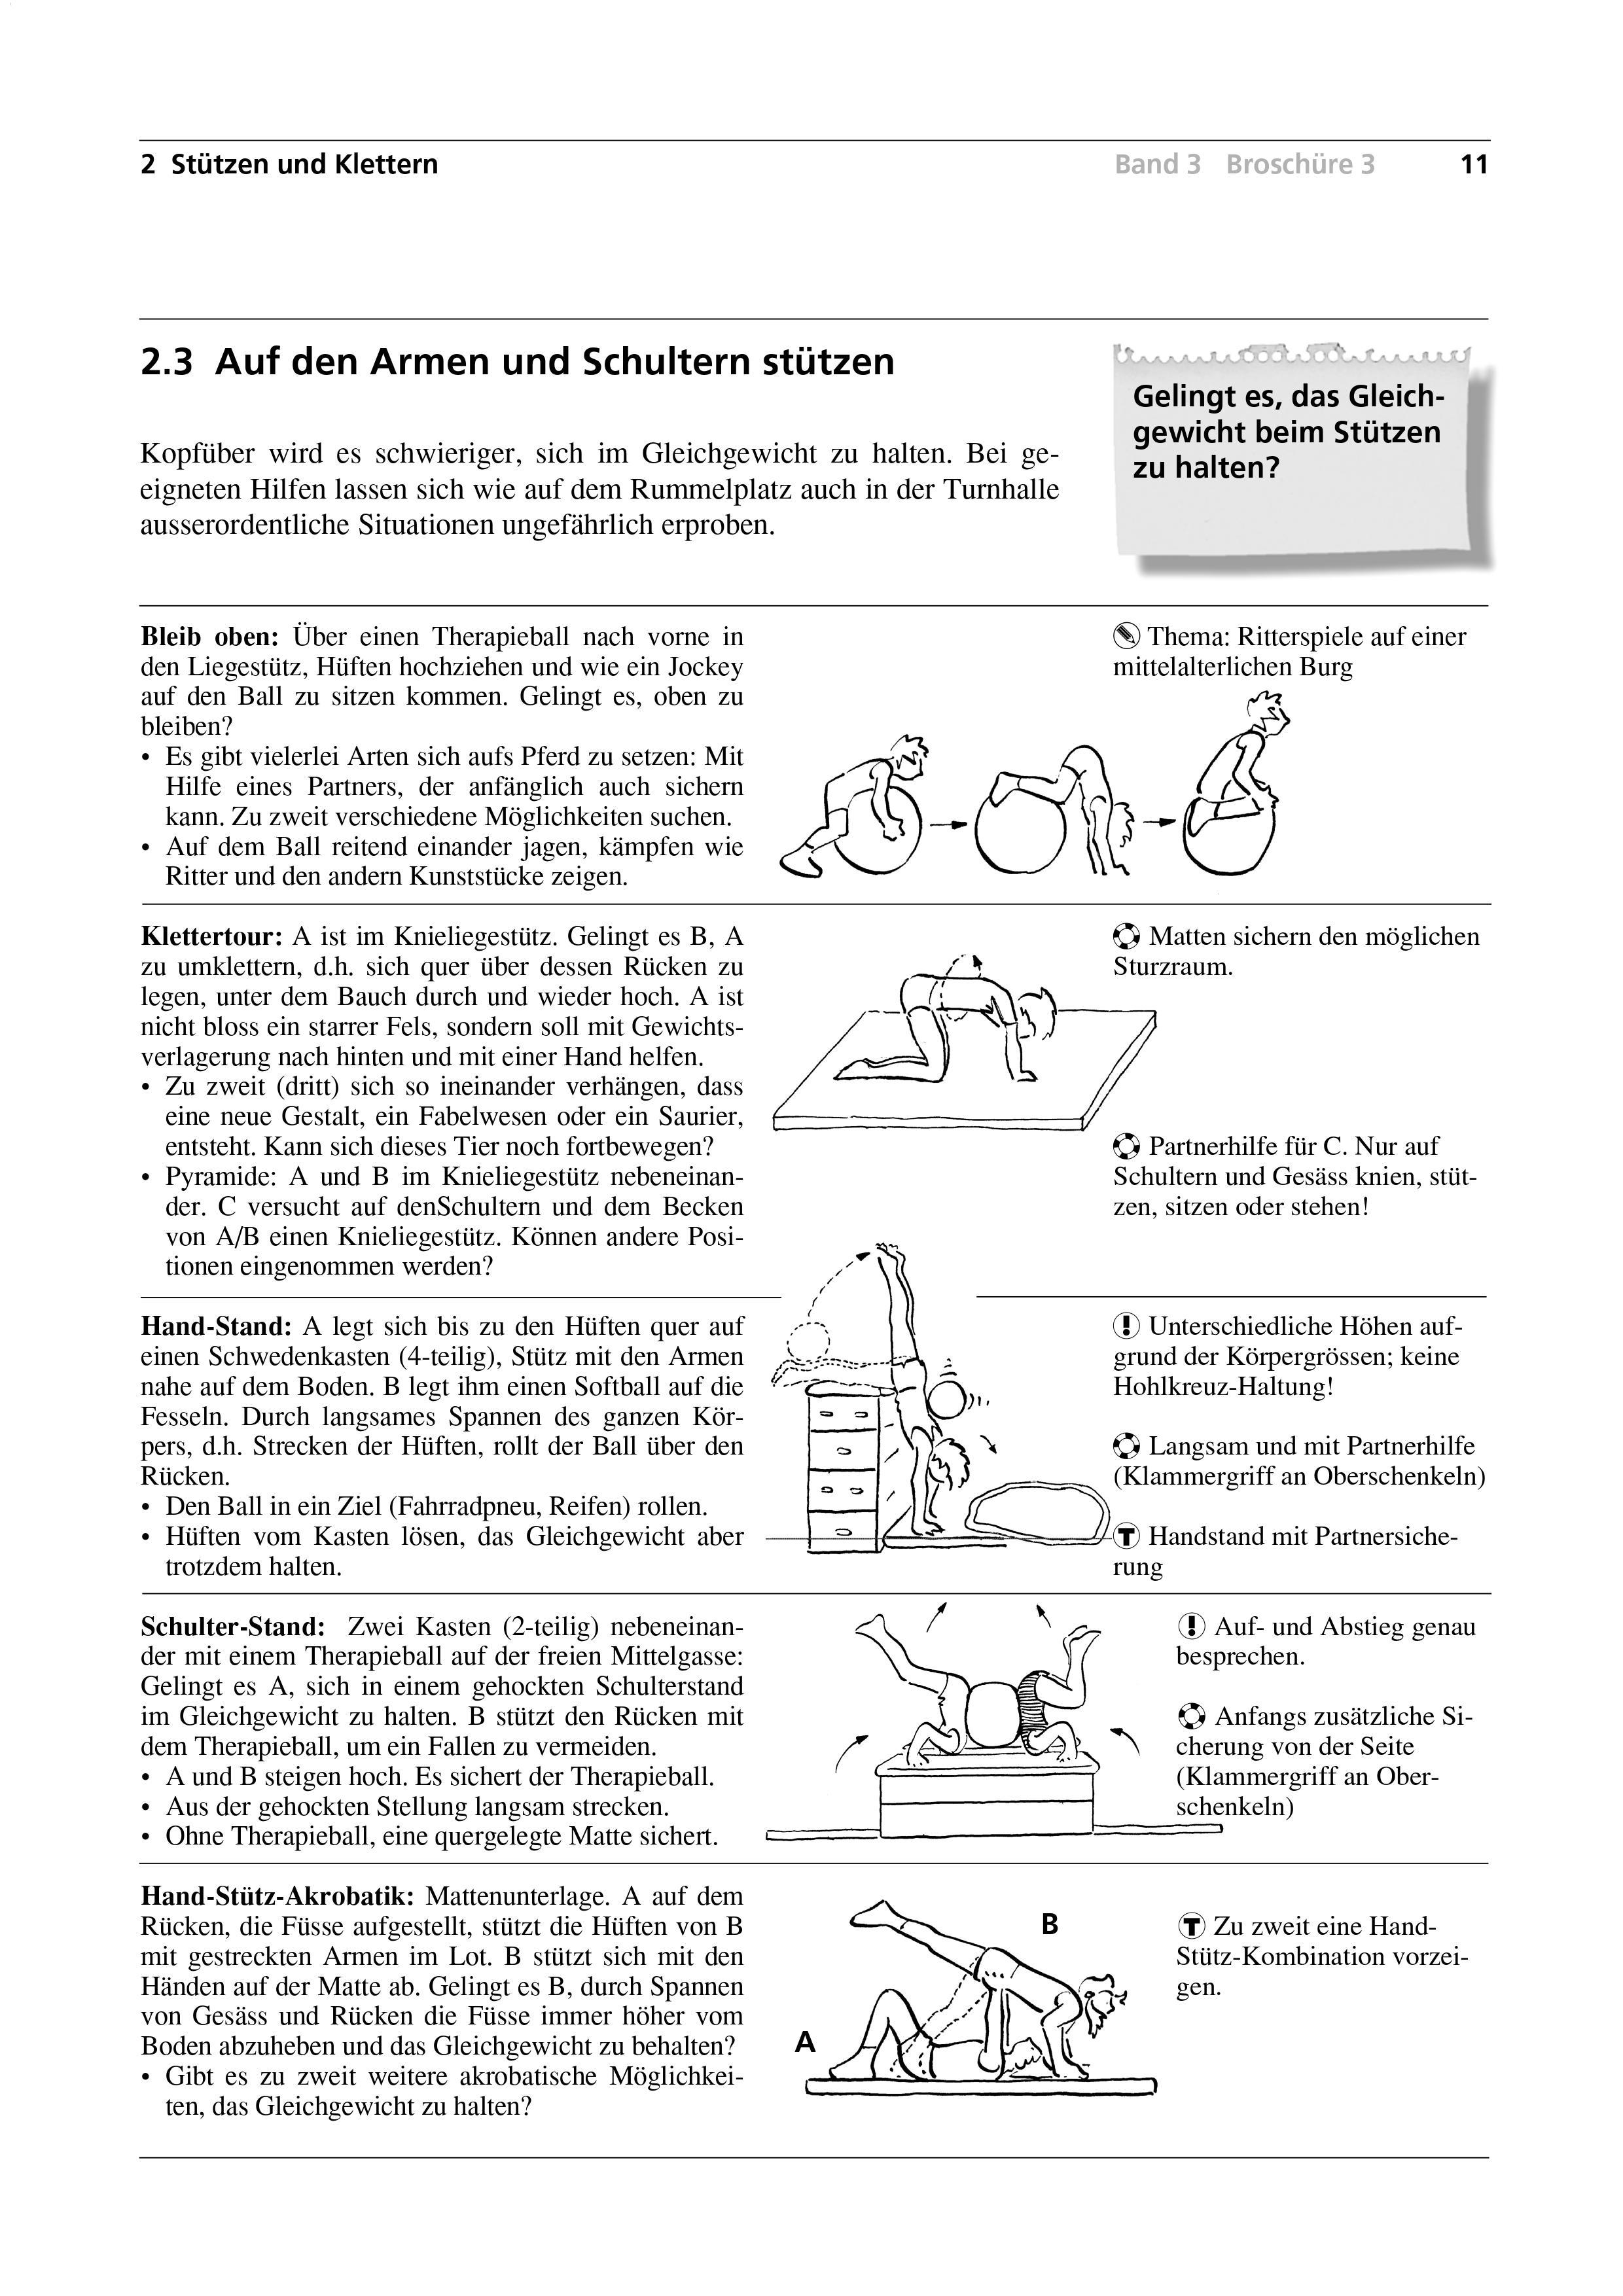 Preview image for LOM object Auf den Armen und Schultern stützen